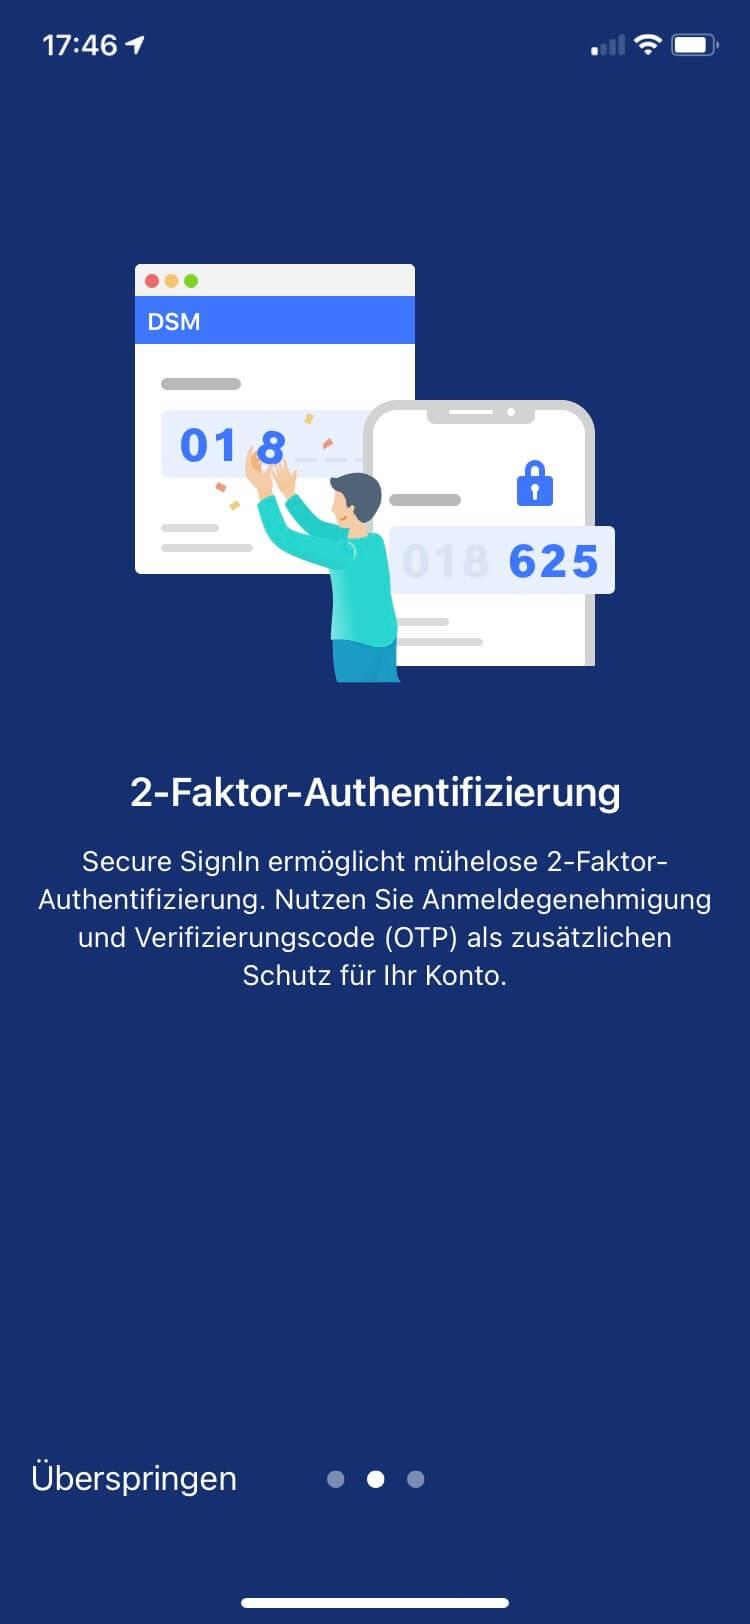 DSM 7 erweitert die 2 Faktor Authentifizierung